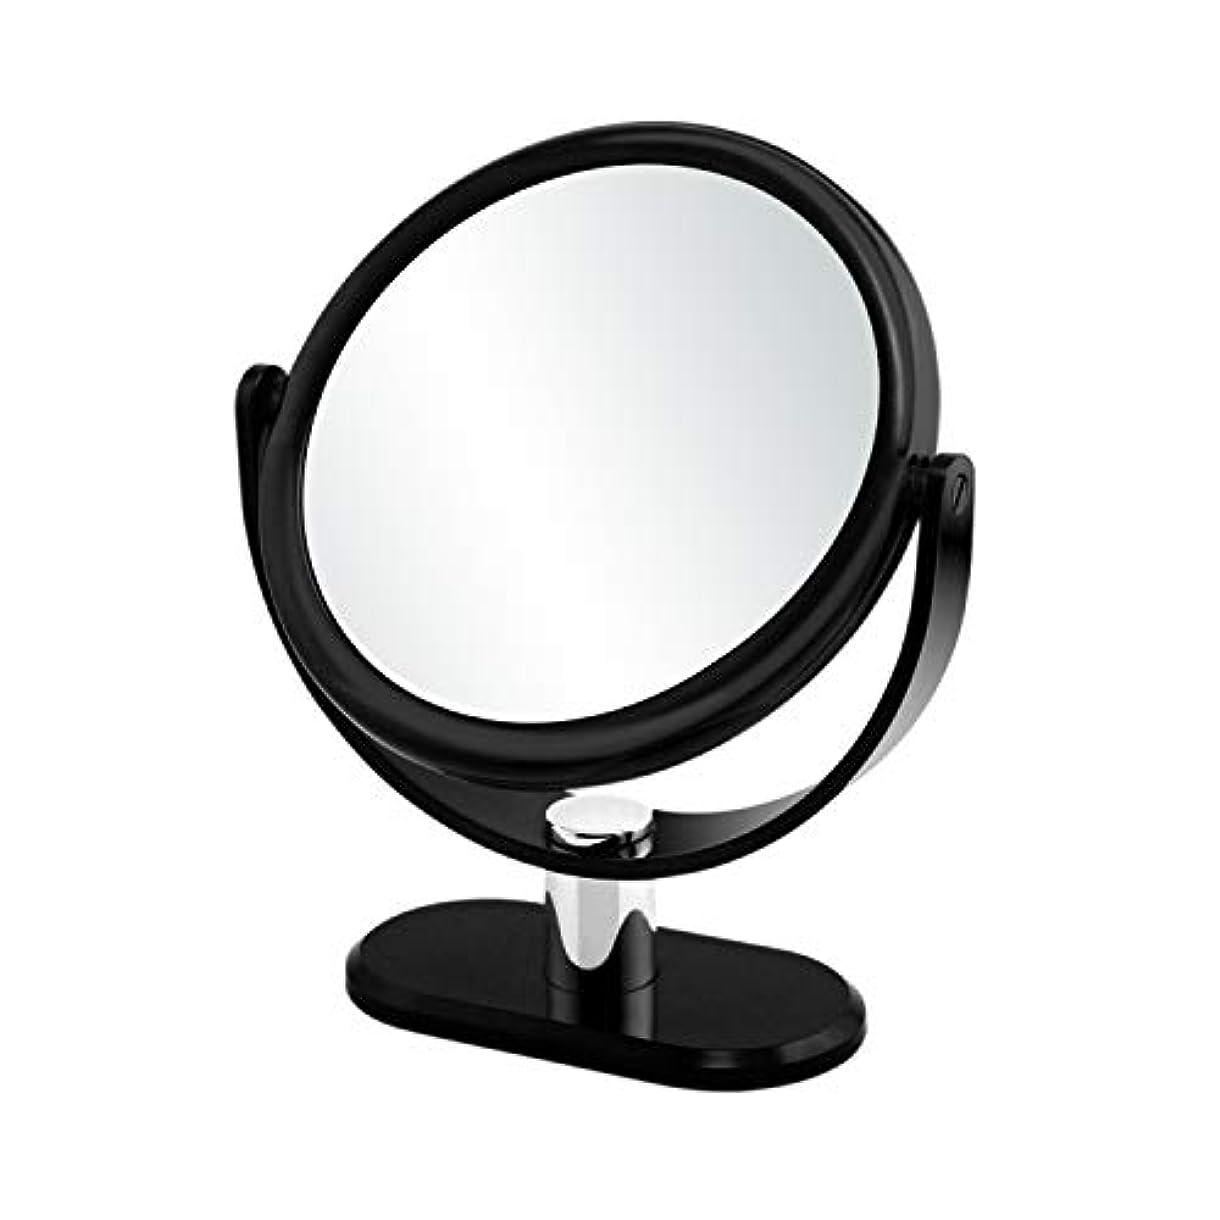 閃光オーバーフローカラスGorwRich ブラック卓上鏡 化粧鏡 スタンドミラー 女優ミラー 卓上ミラー 両面鏡 7倍拡大鏡と等倍鏡